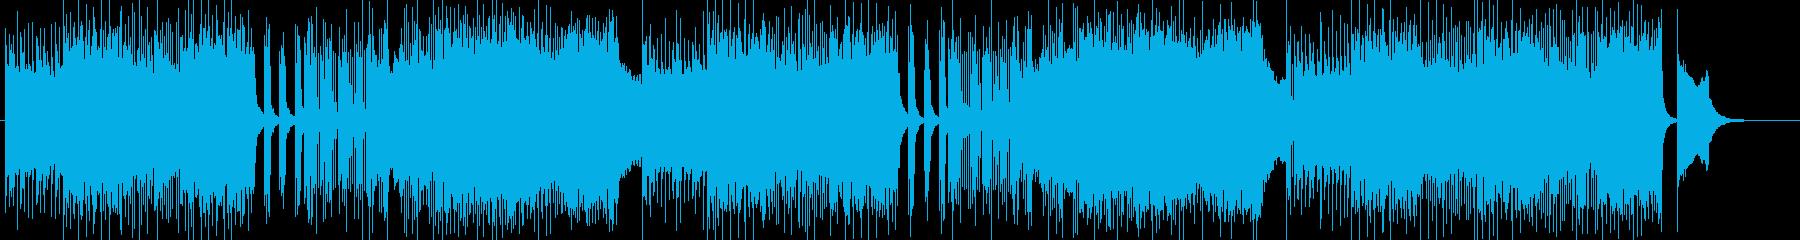 ハードロック、ダークな作曲 BGM257の再生済みの波形